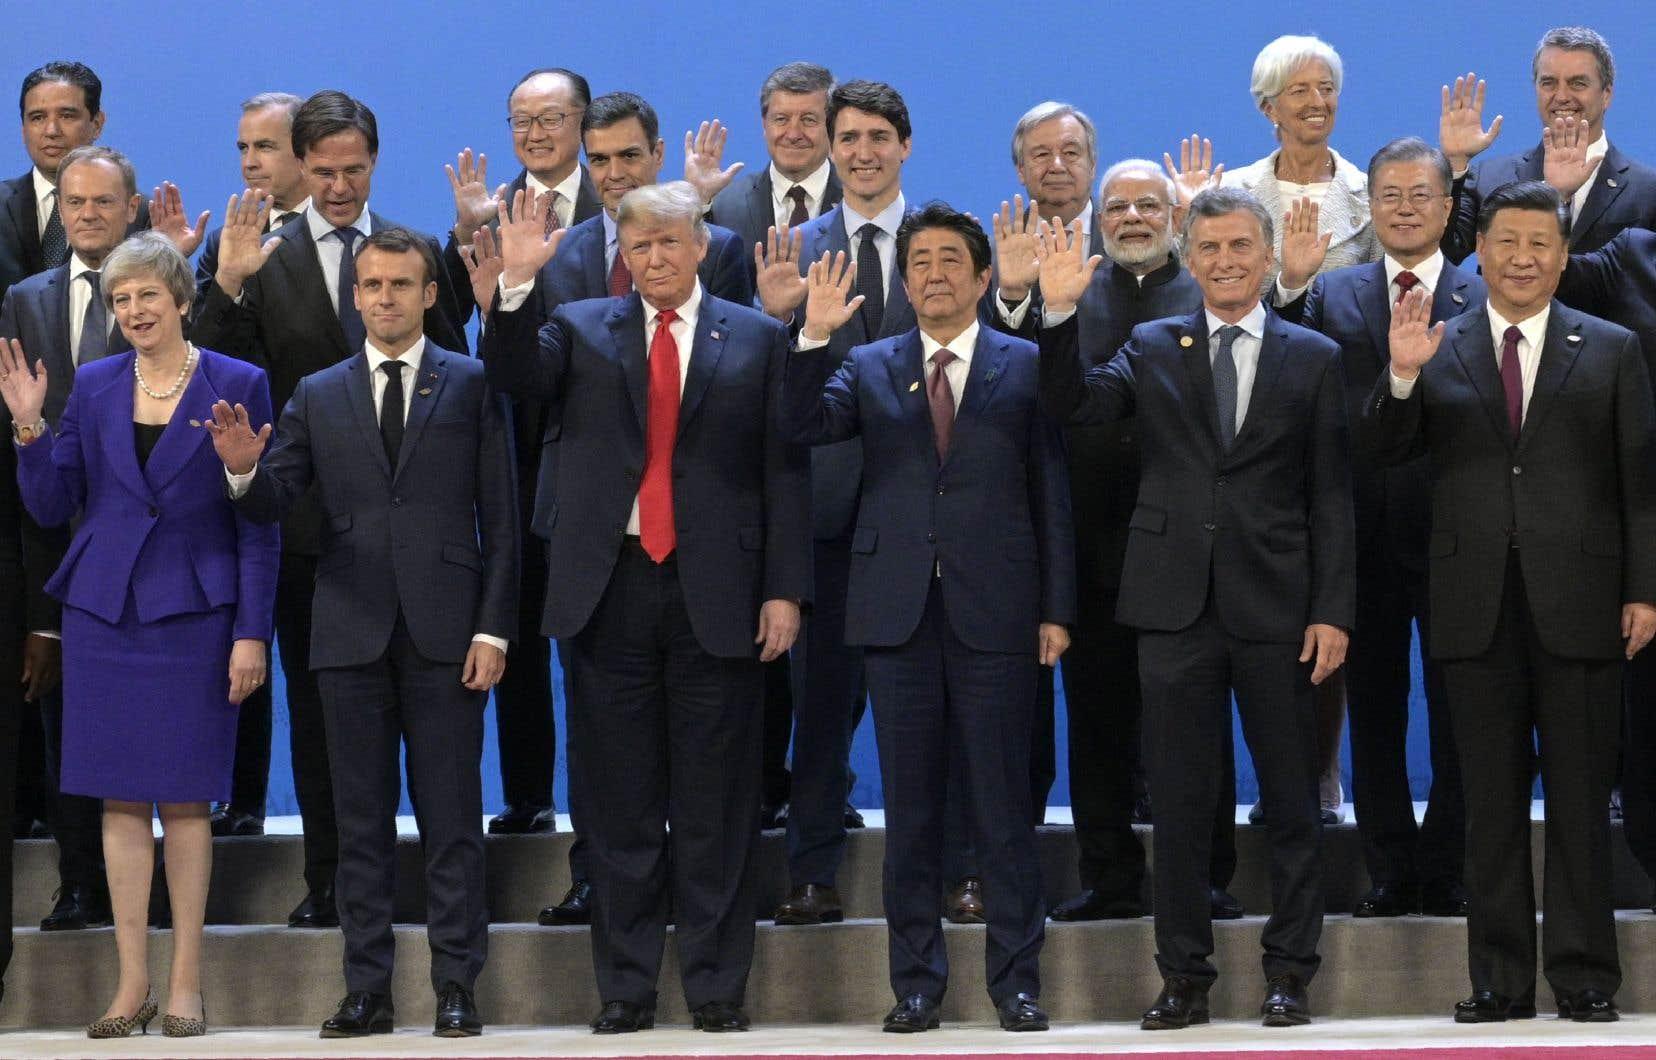 Les chefs d'État et de gouvernements posent pour une photo de famille avant de s'asseoir à la table de réunion du G20.